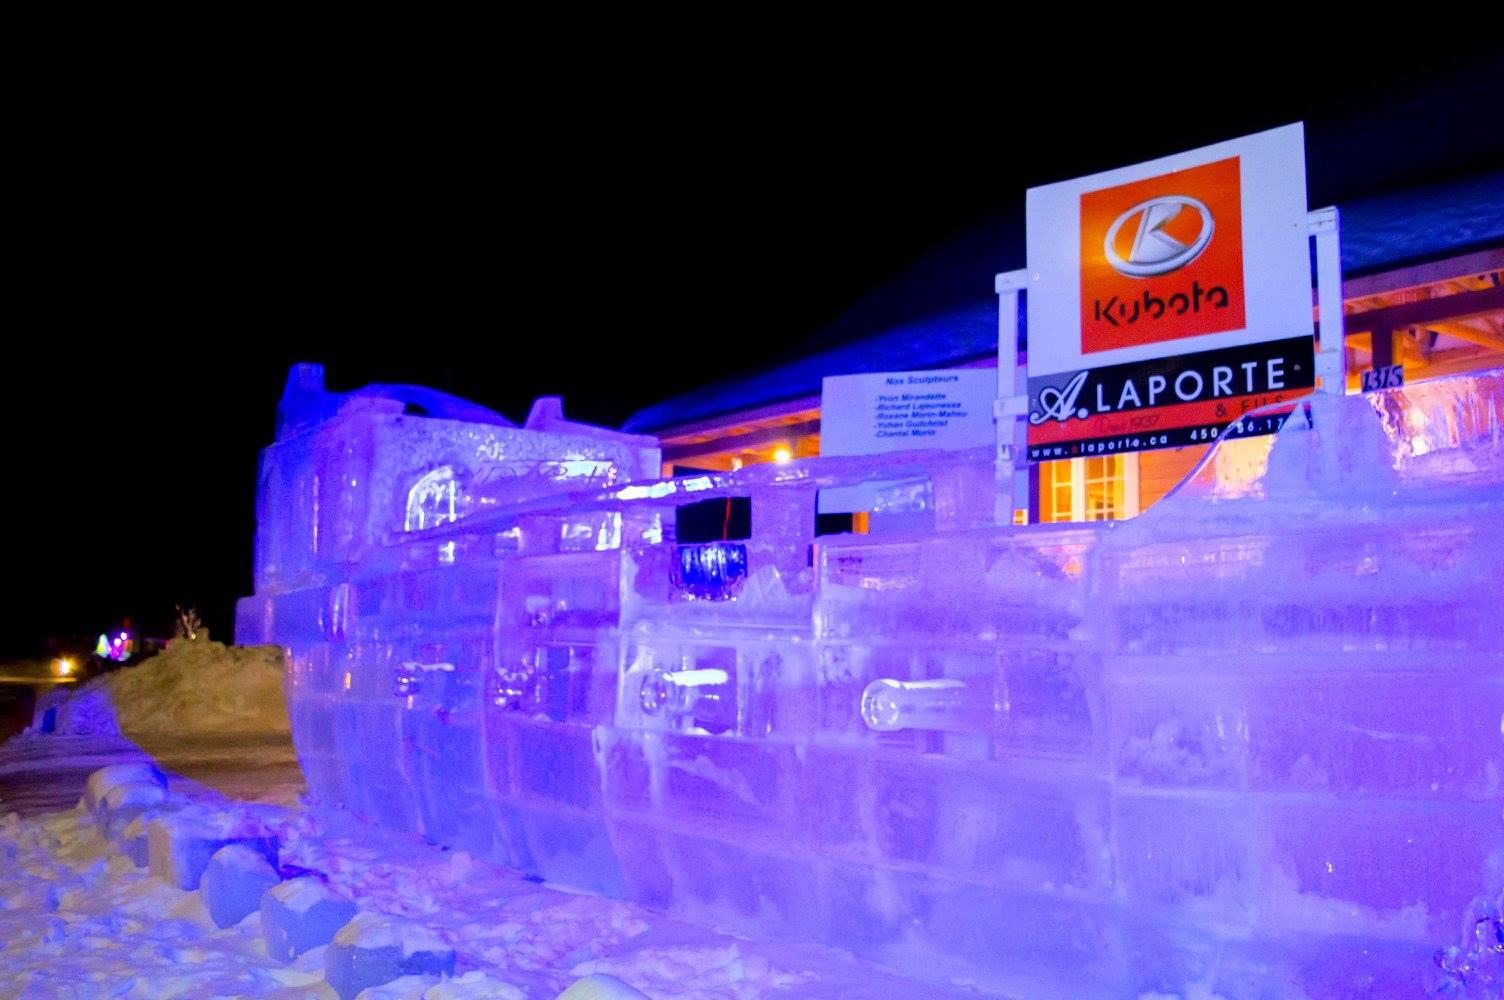 Festival St-Côme en glace Lanaudière 2018 -13